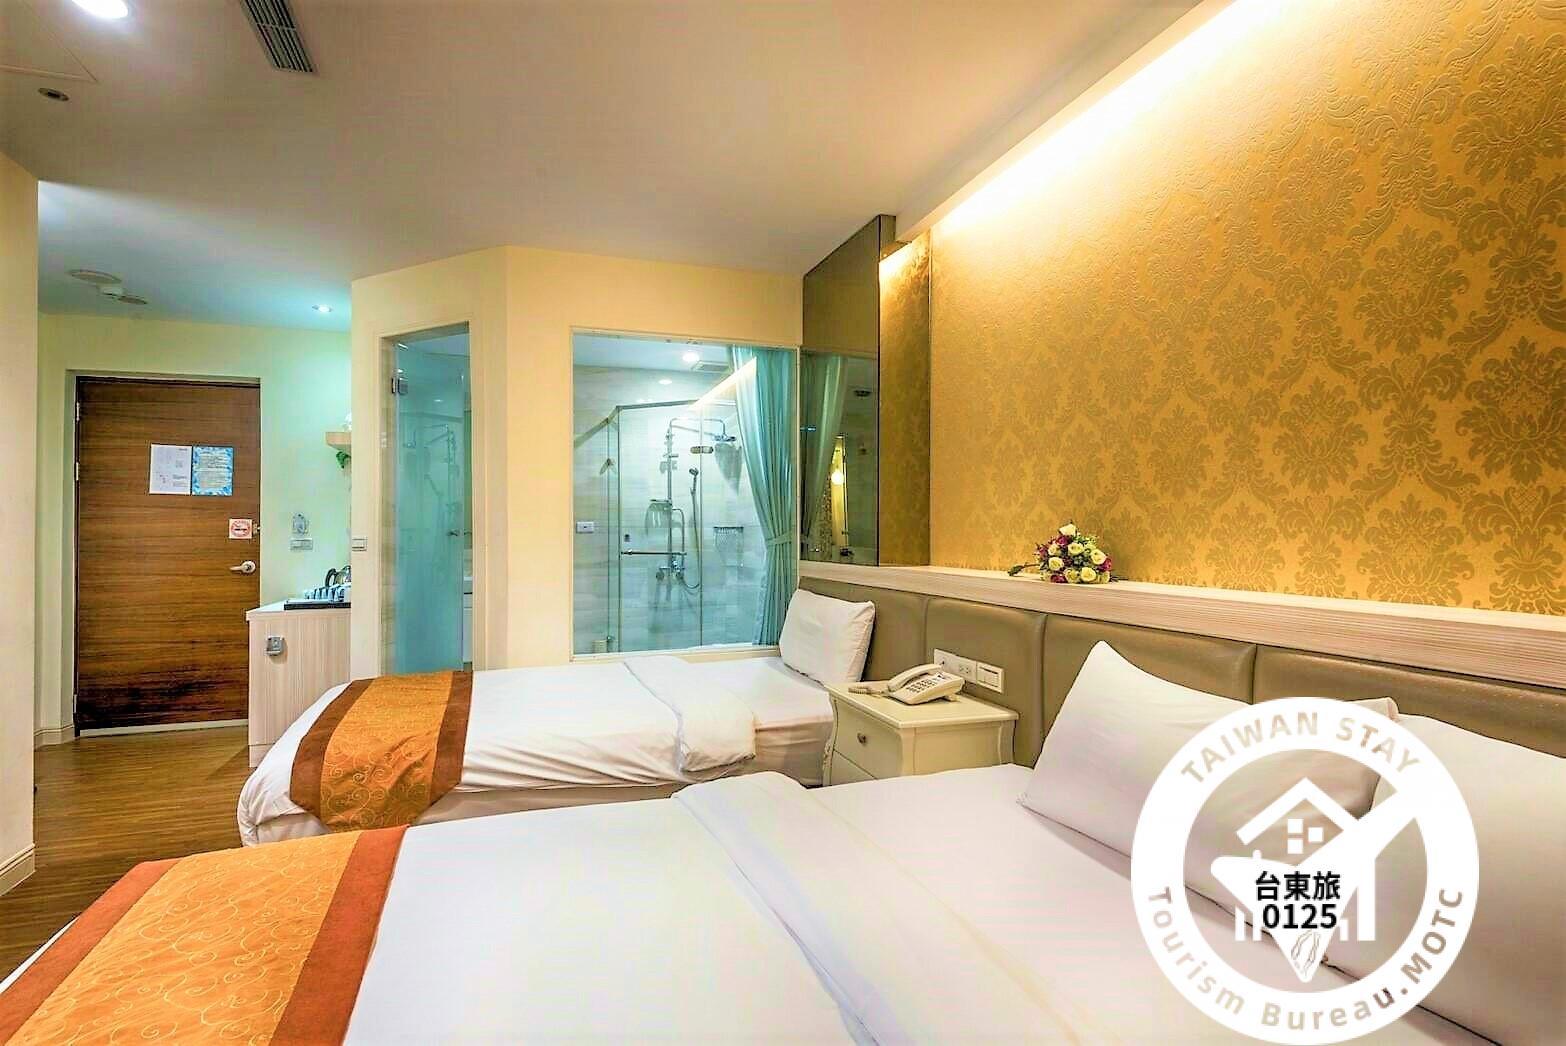 典藏溫馨三人房 (一大床+一小床)照片_2